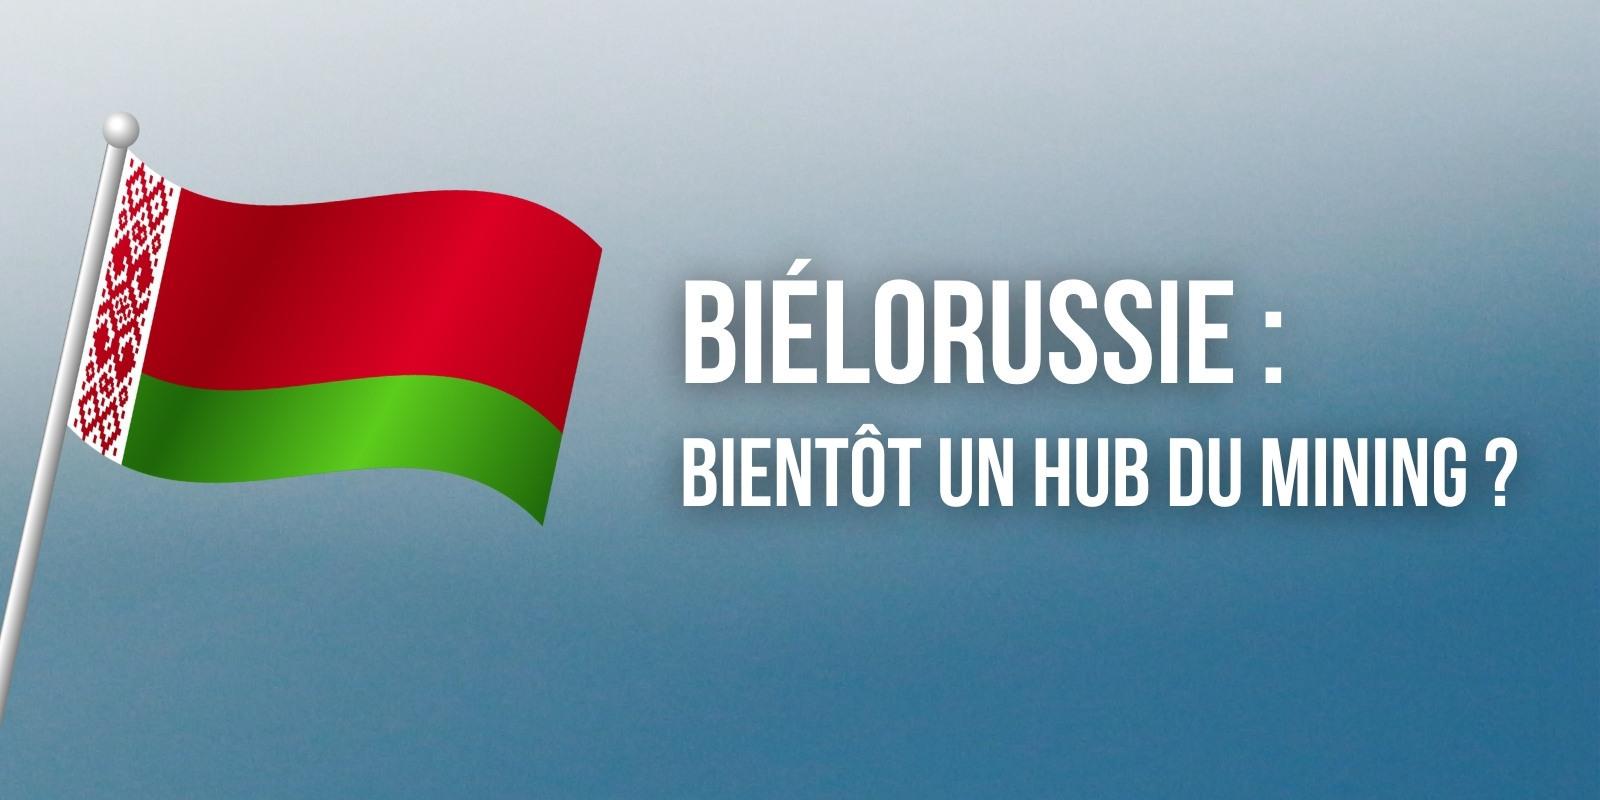 Le président biélorusse encourage ses concitoyens à se lancer dans le mining de cryptomonnaies